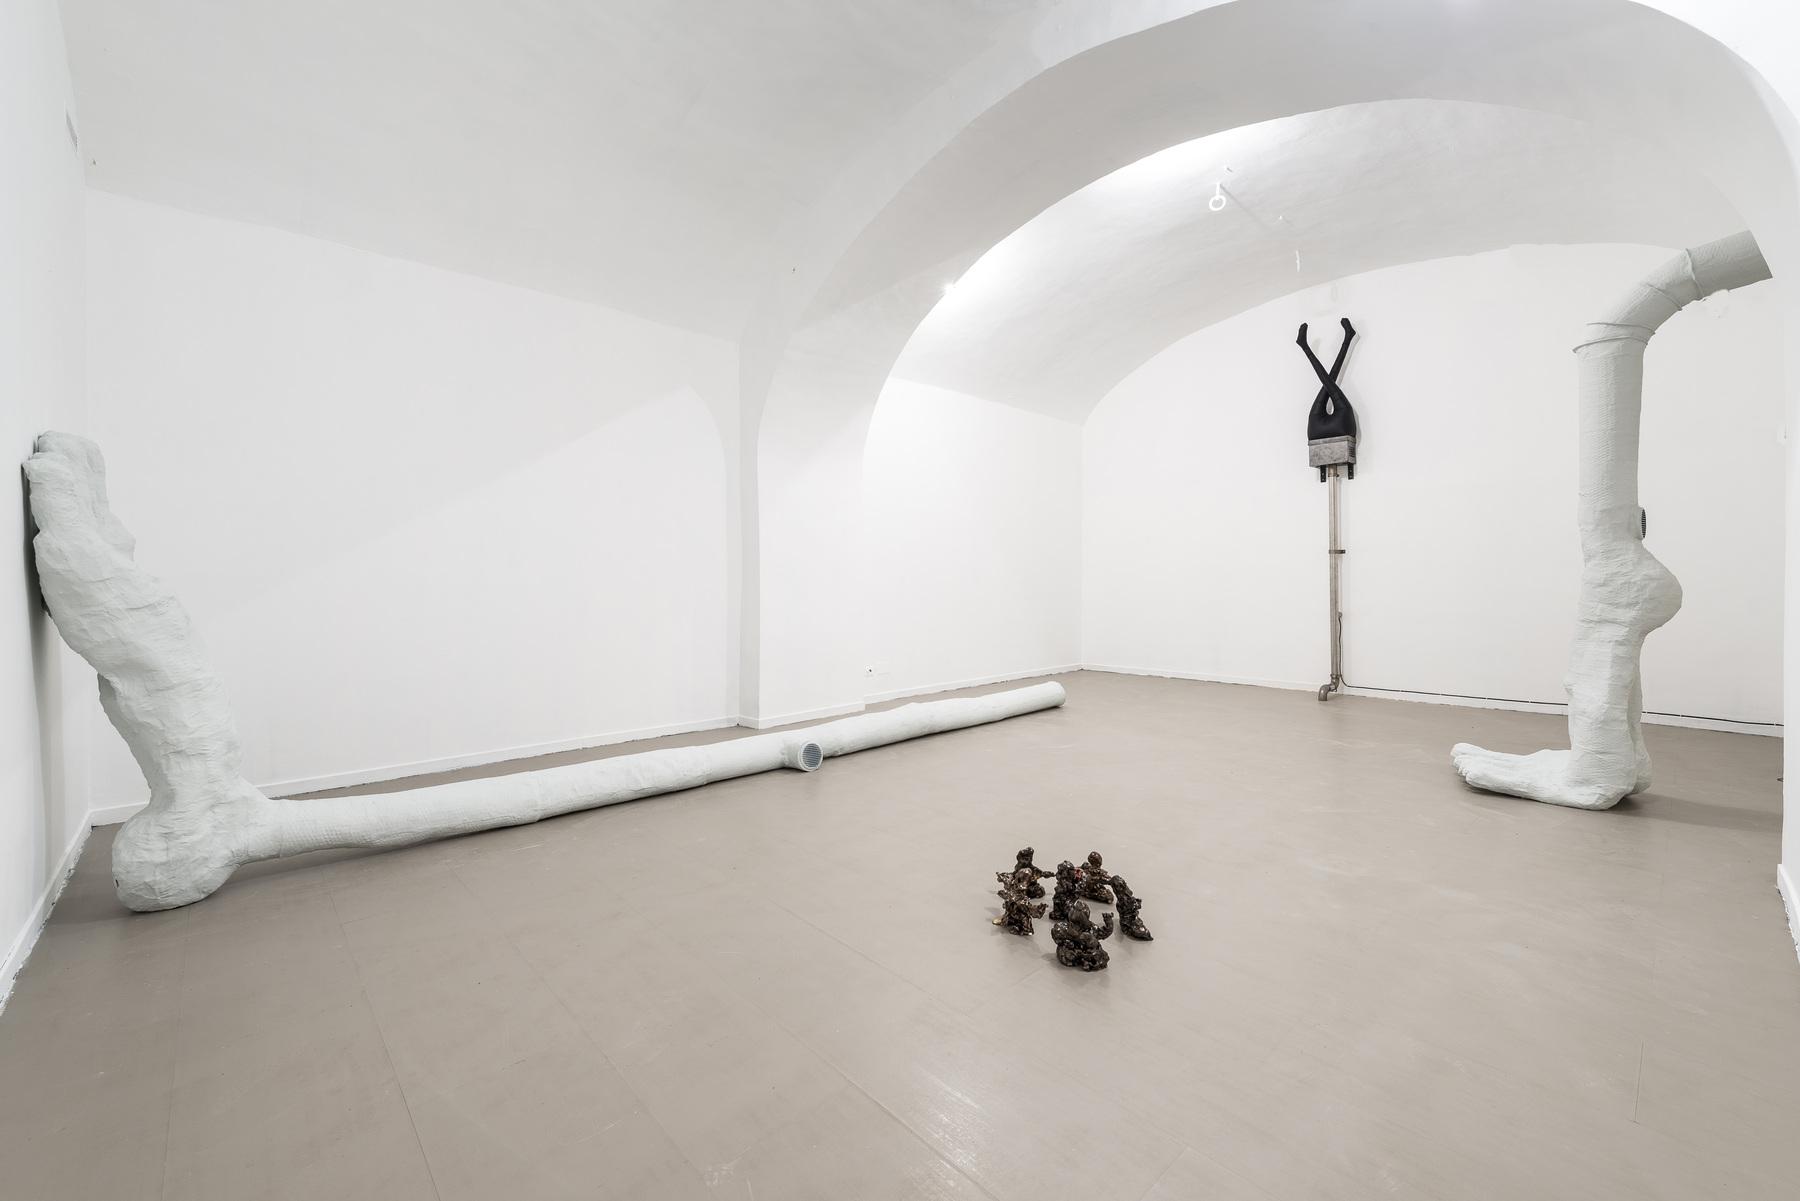 02_WalledGardenInAnInsaneEden_2017_InstallationView_Room3_z2oSaraZaninGallery_Roma